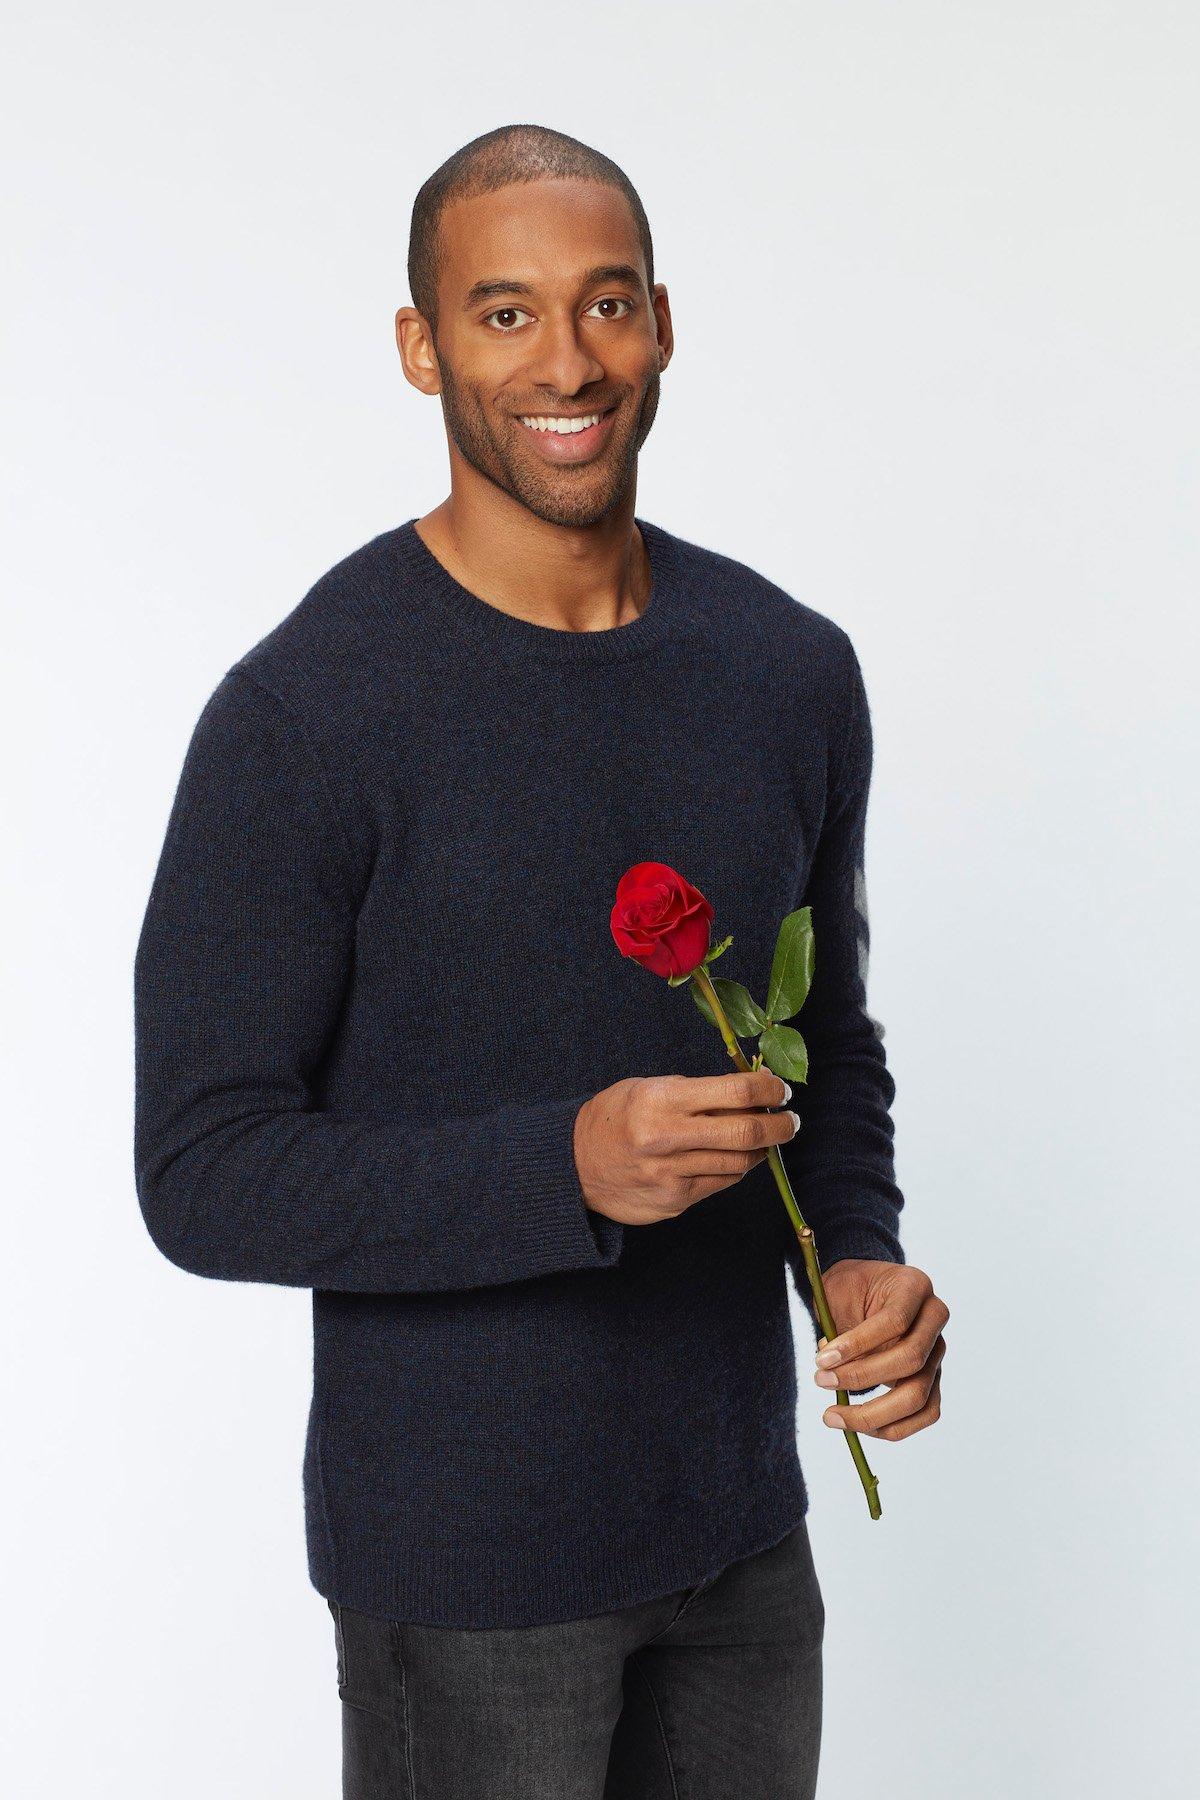 matt james the bachelor season 25 2021 abc first black bachelor